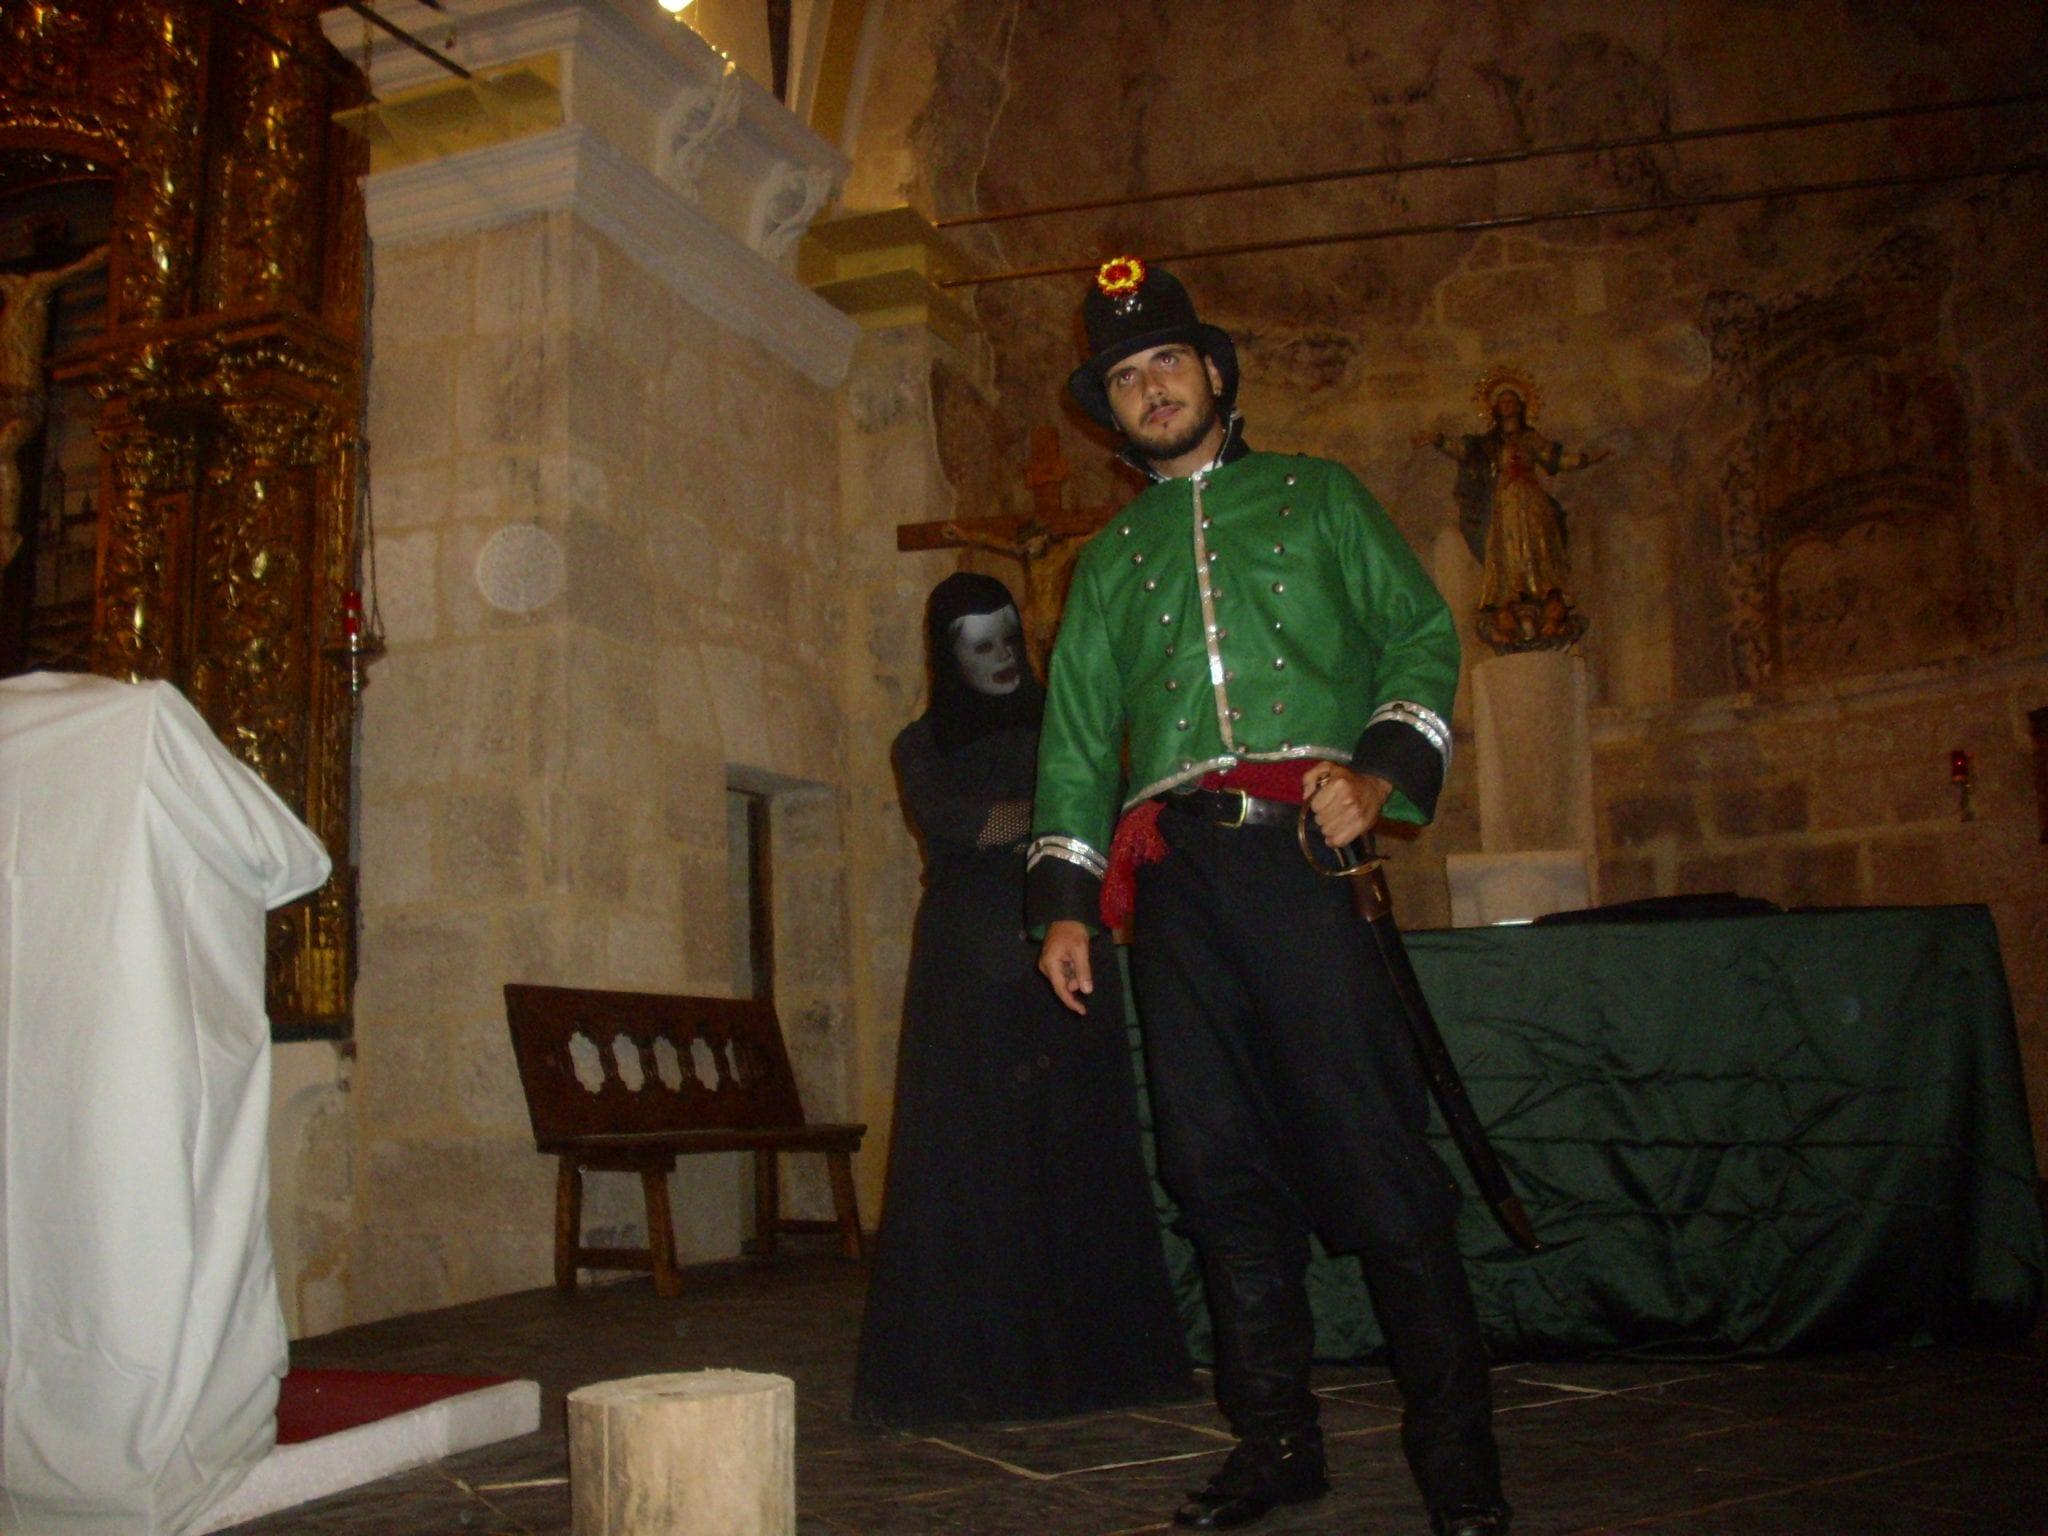 Representación teatral en la iglesia(1)   cultyocio.es